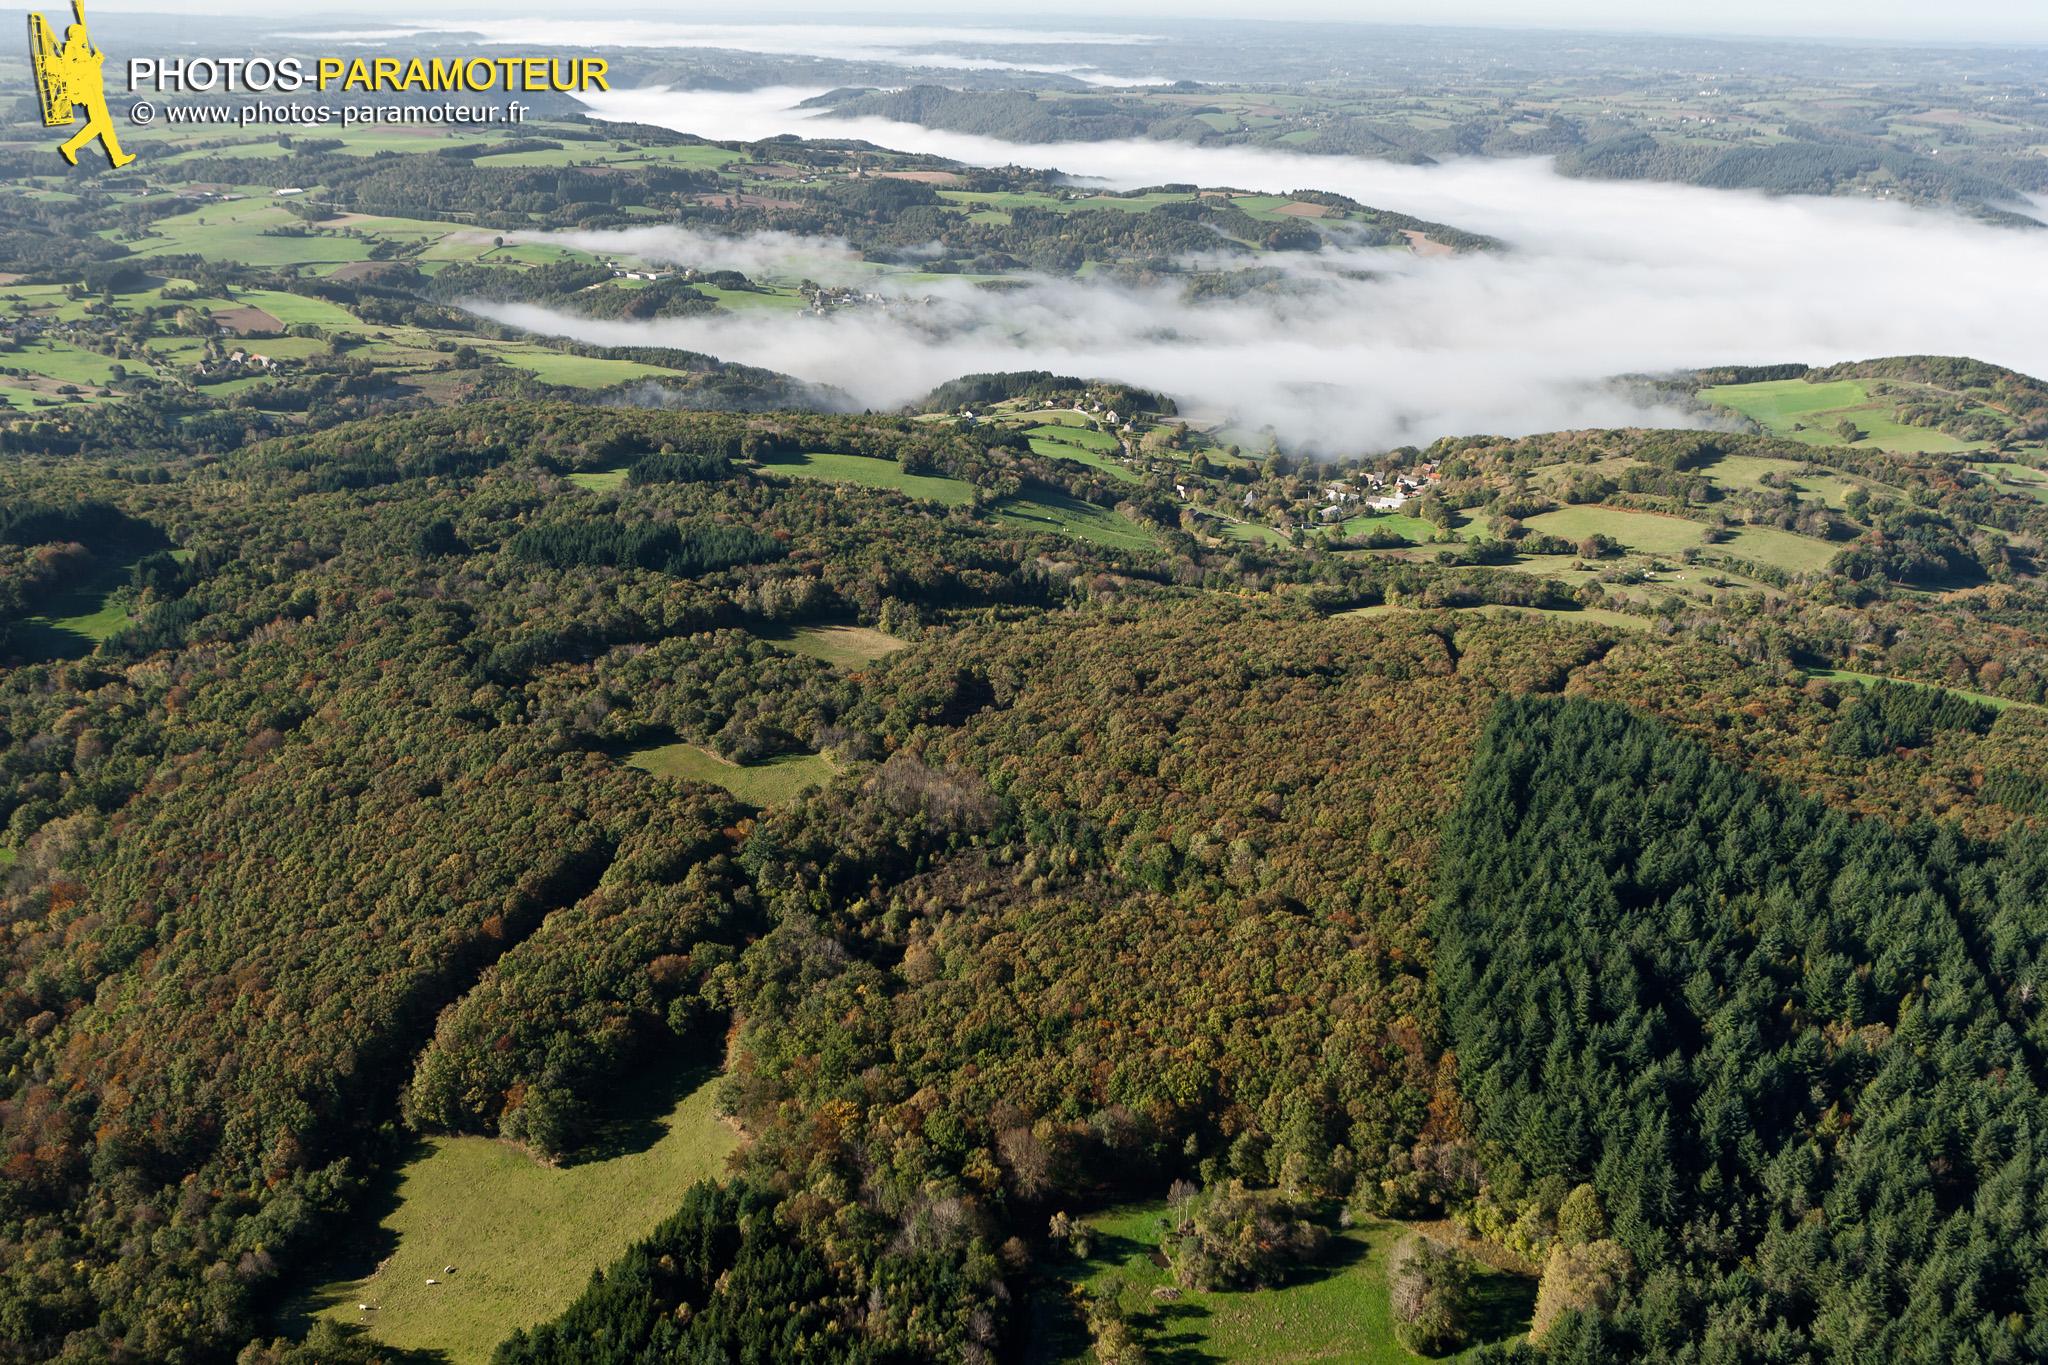 L'Auvergne vue du ciel, Saint-Rémy-de-Blot